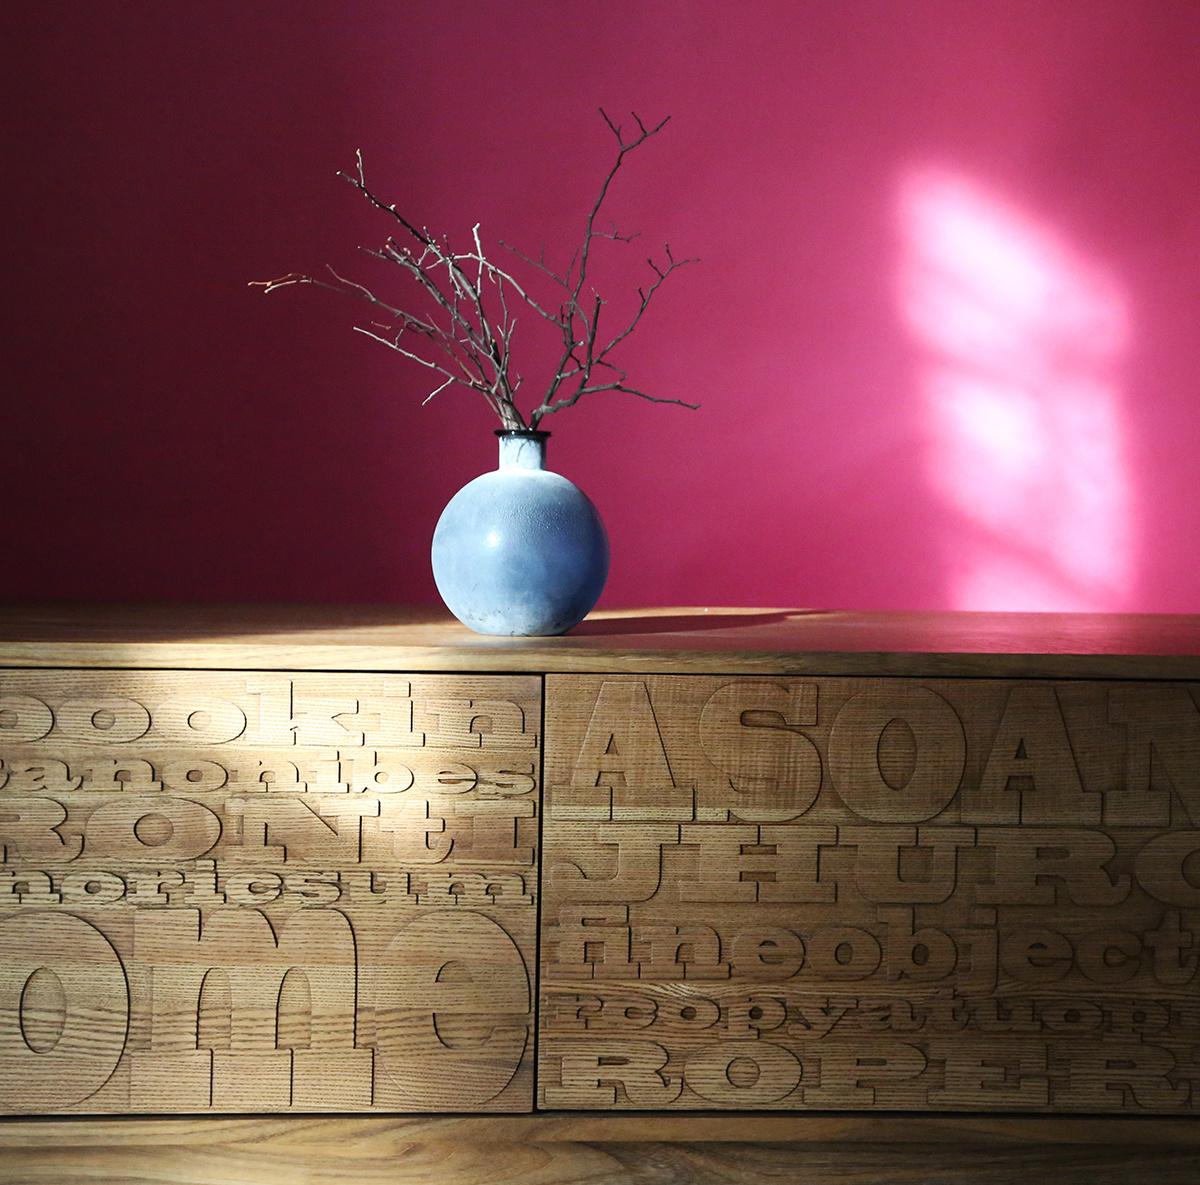 Мебель как искусство. Fineobjects — грани прекрасного (галерея 11, фото 2)